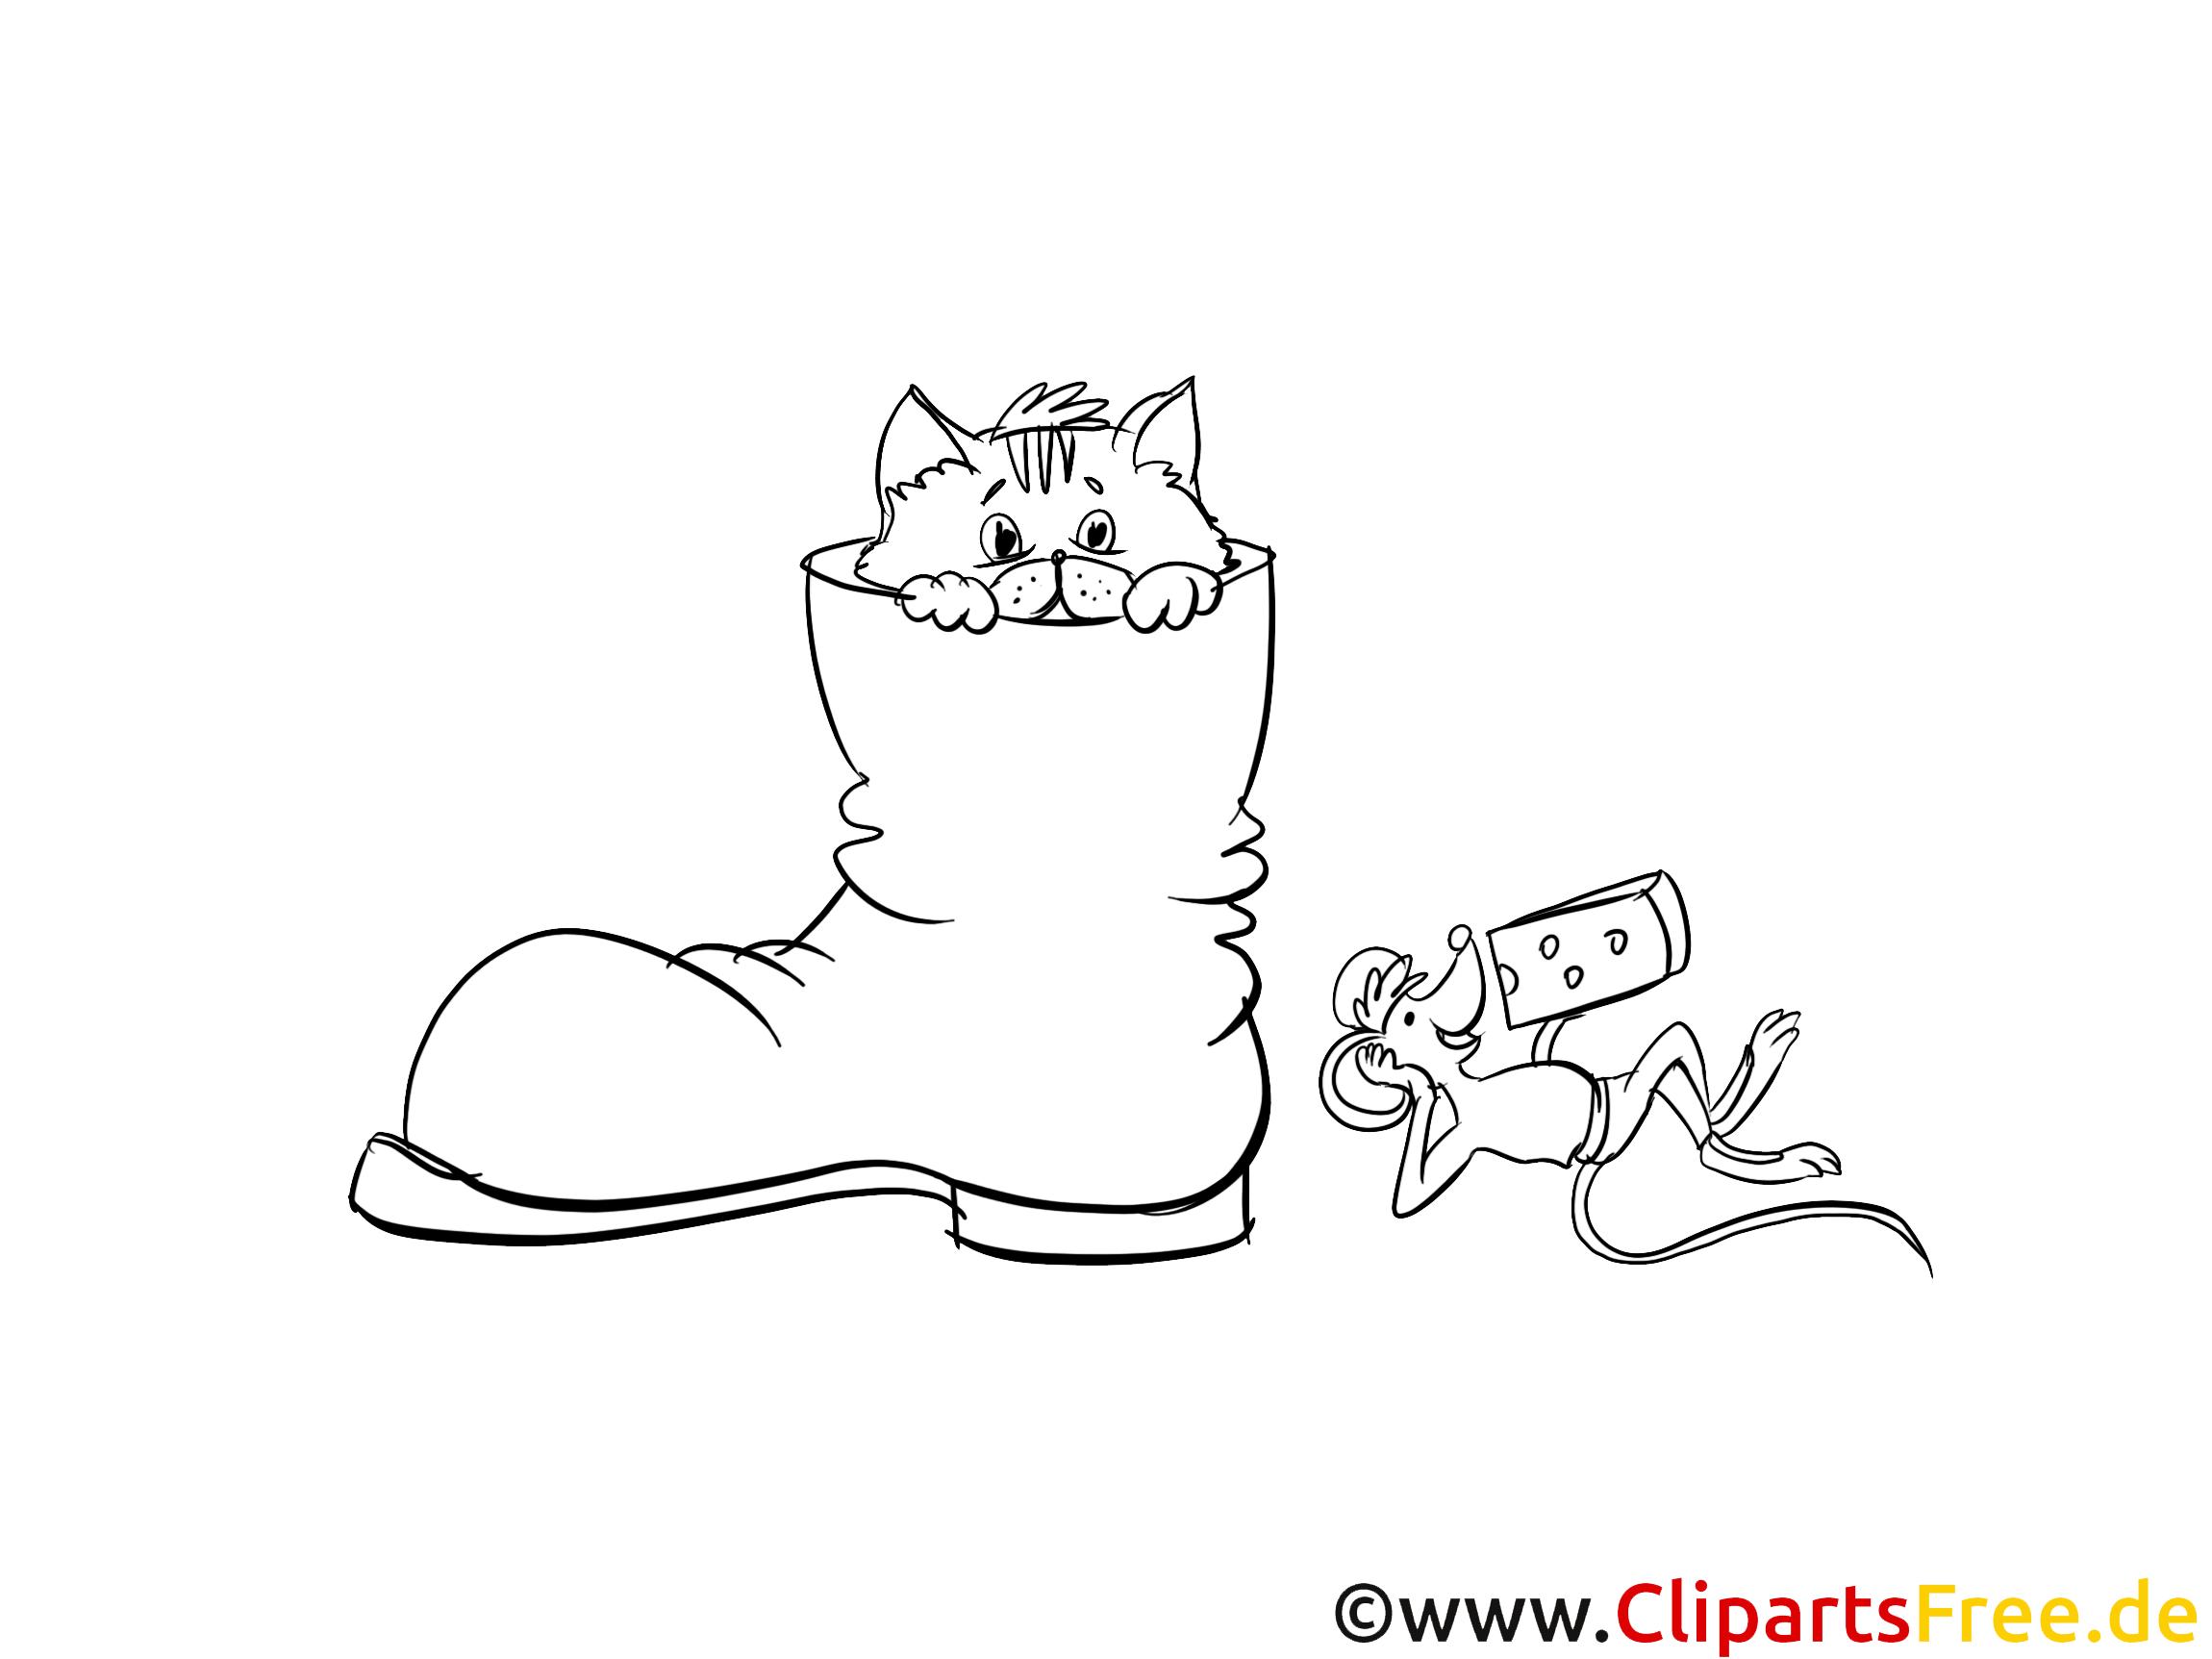 Katze im Schuh Ausmalbild zum Drucken und Ausmalen